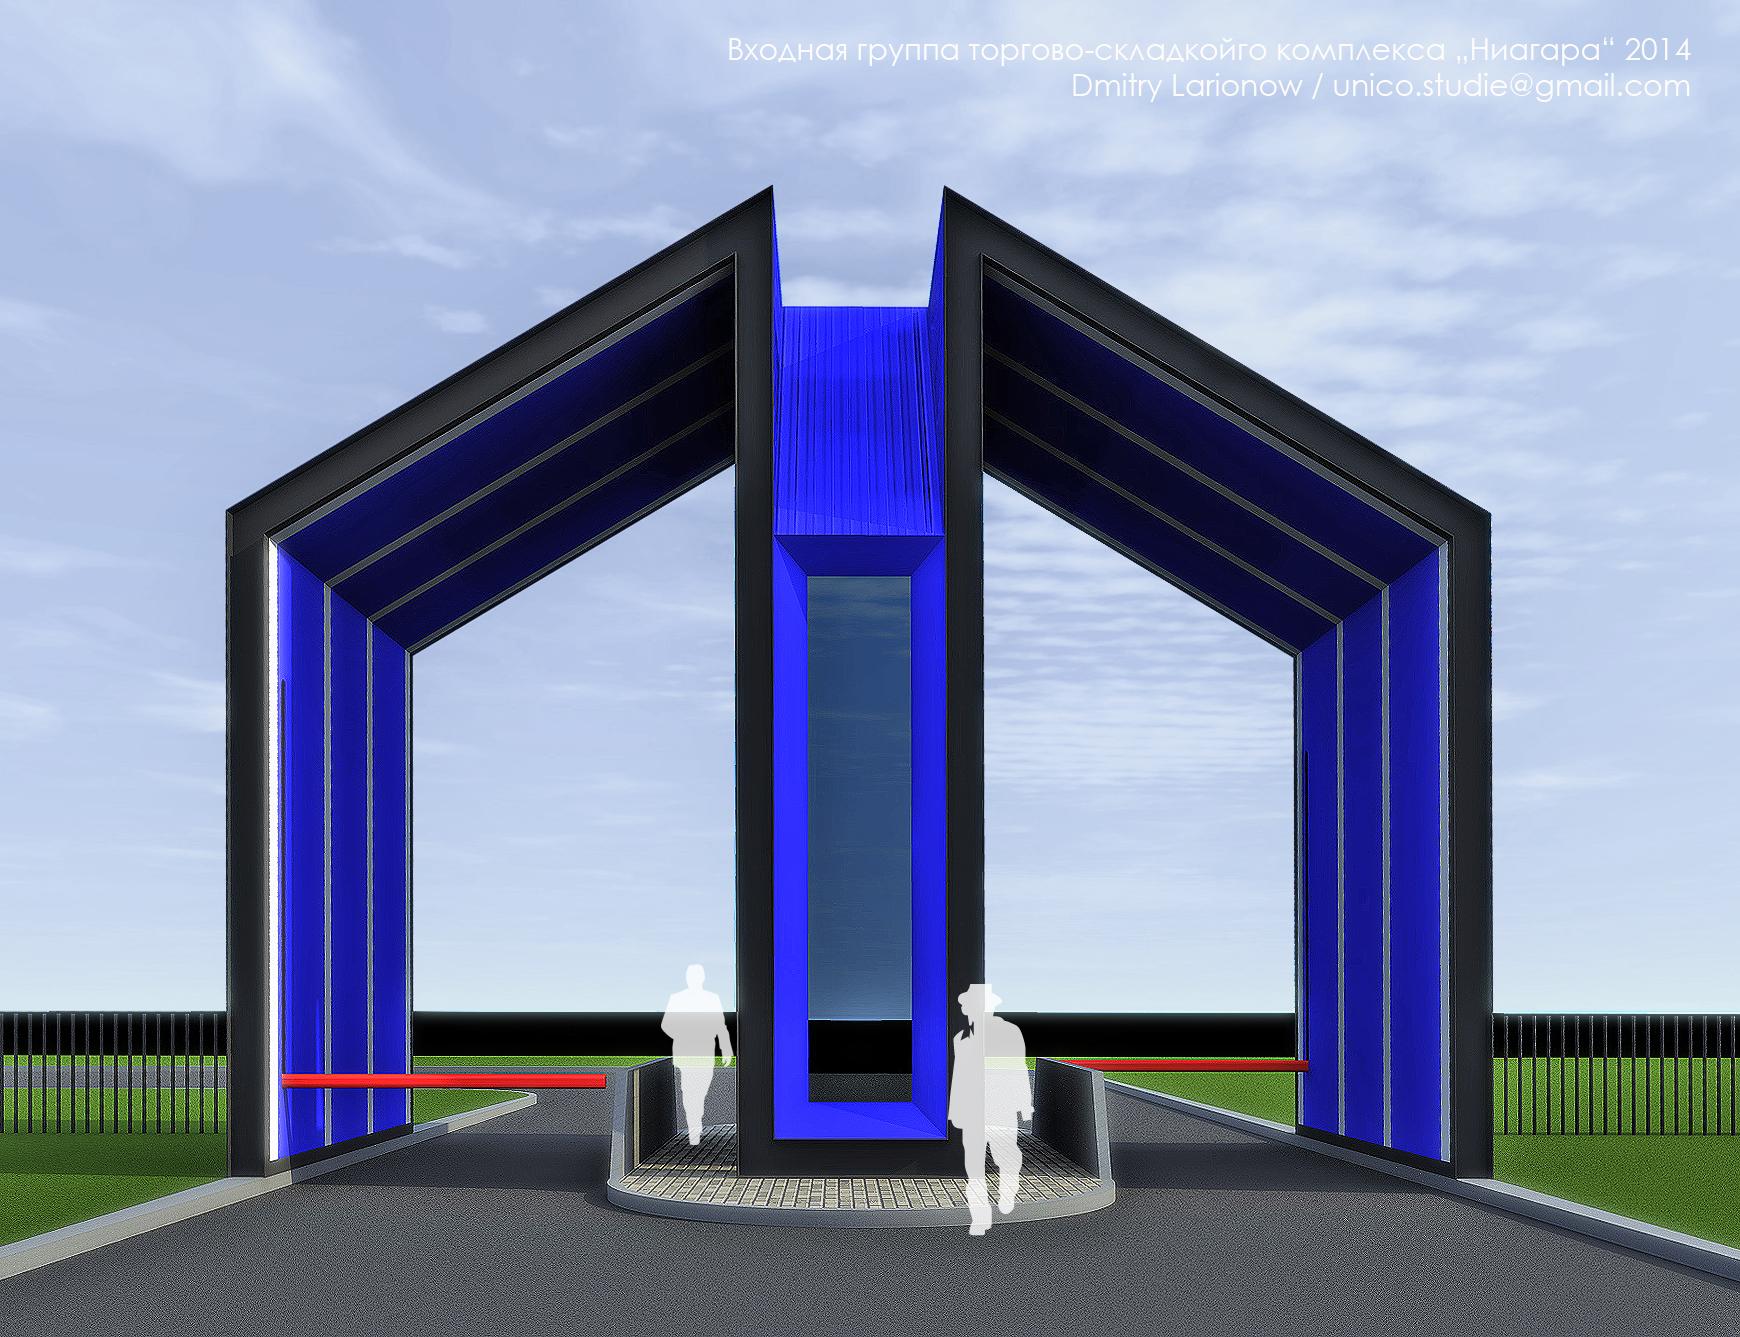 Дизайн Входной группы Торгово Складского Комлекса фото f_78952ece22165feb.jpg